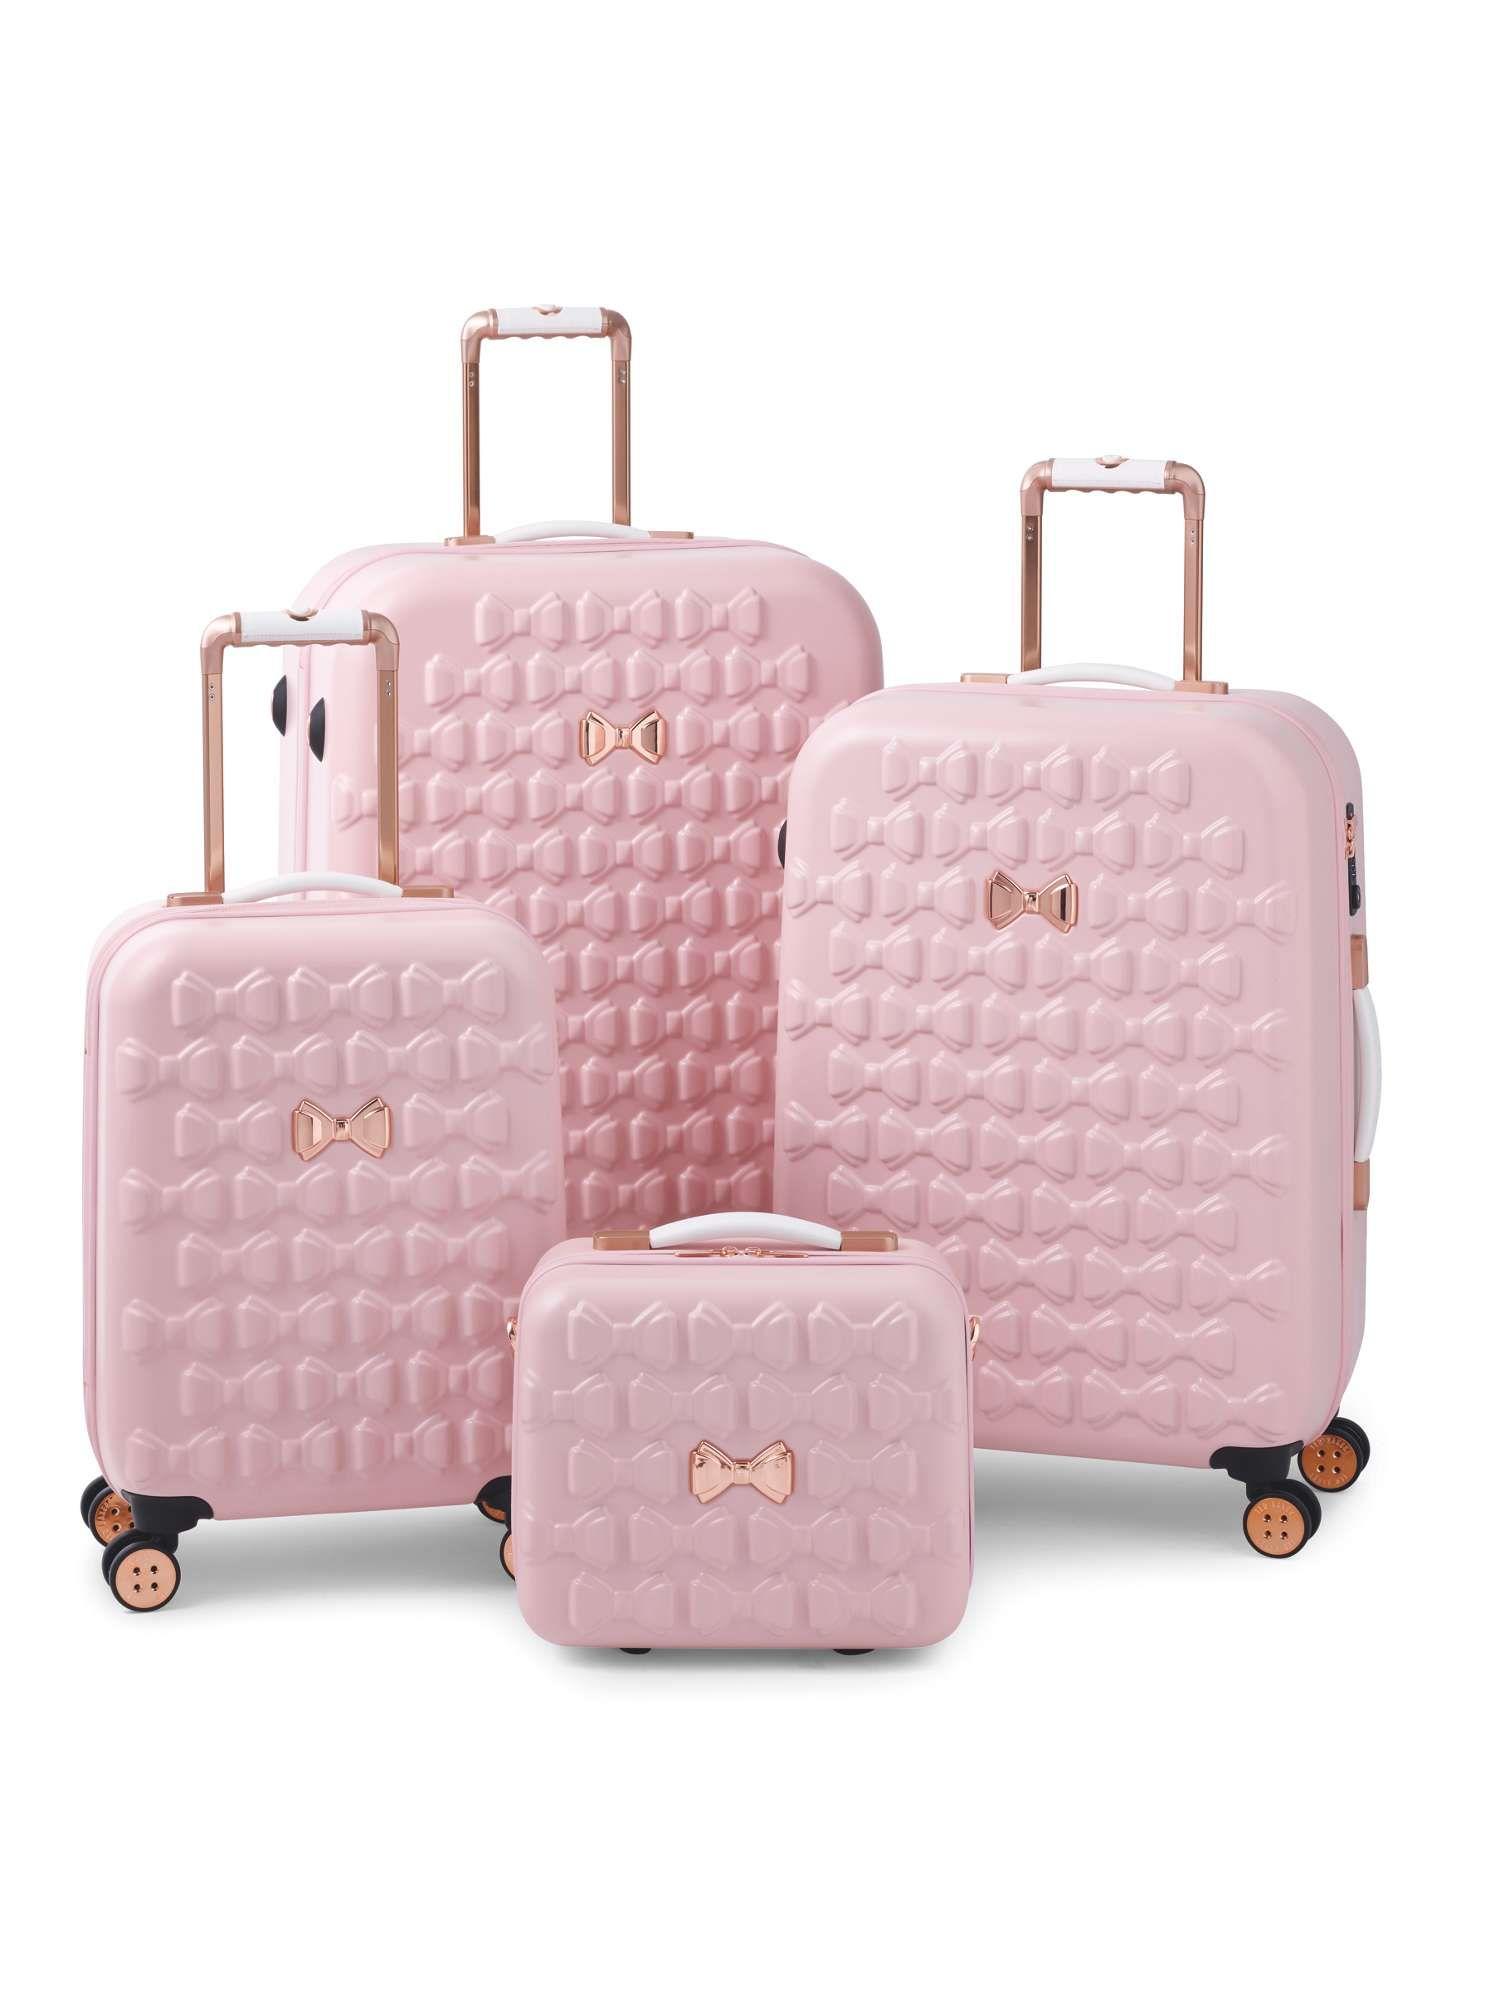 Ted Baker Beau Luggage Range 291c497e25